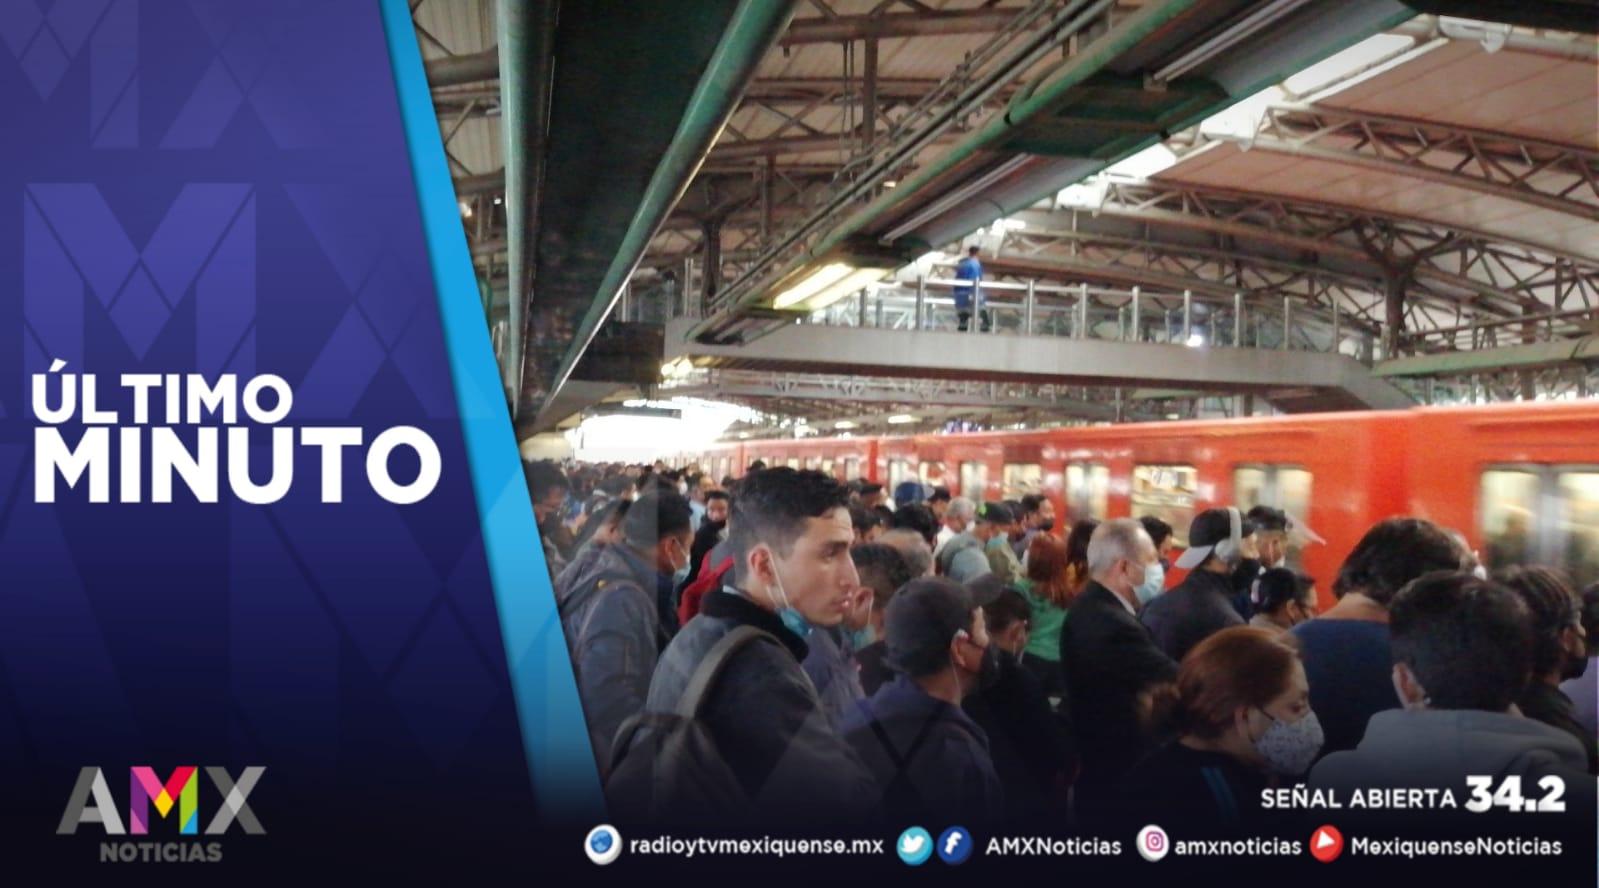 CDMX PASA A SEMÁFORO VERDE LAS SIGUIENTES DOS SEMANAS